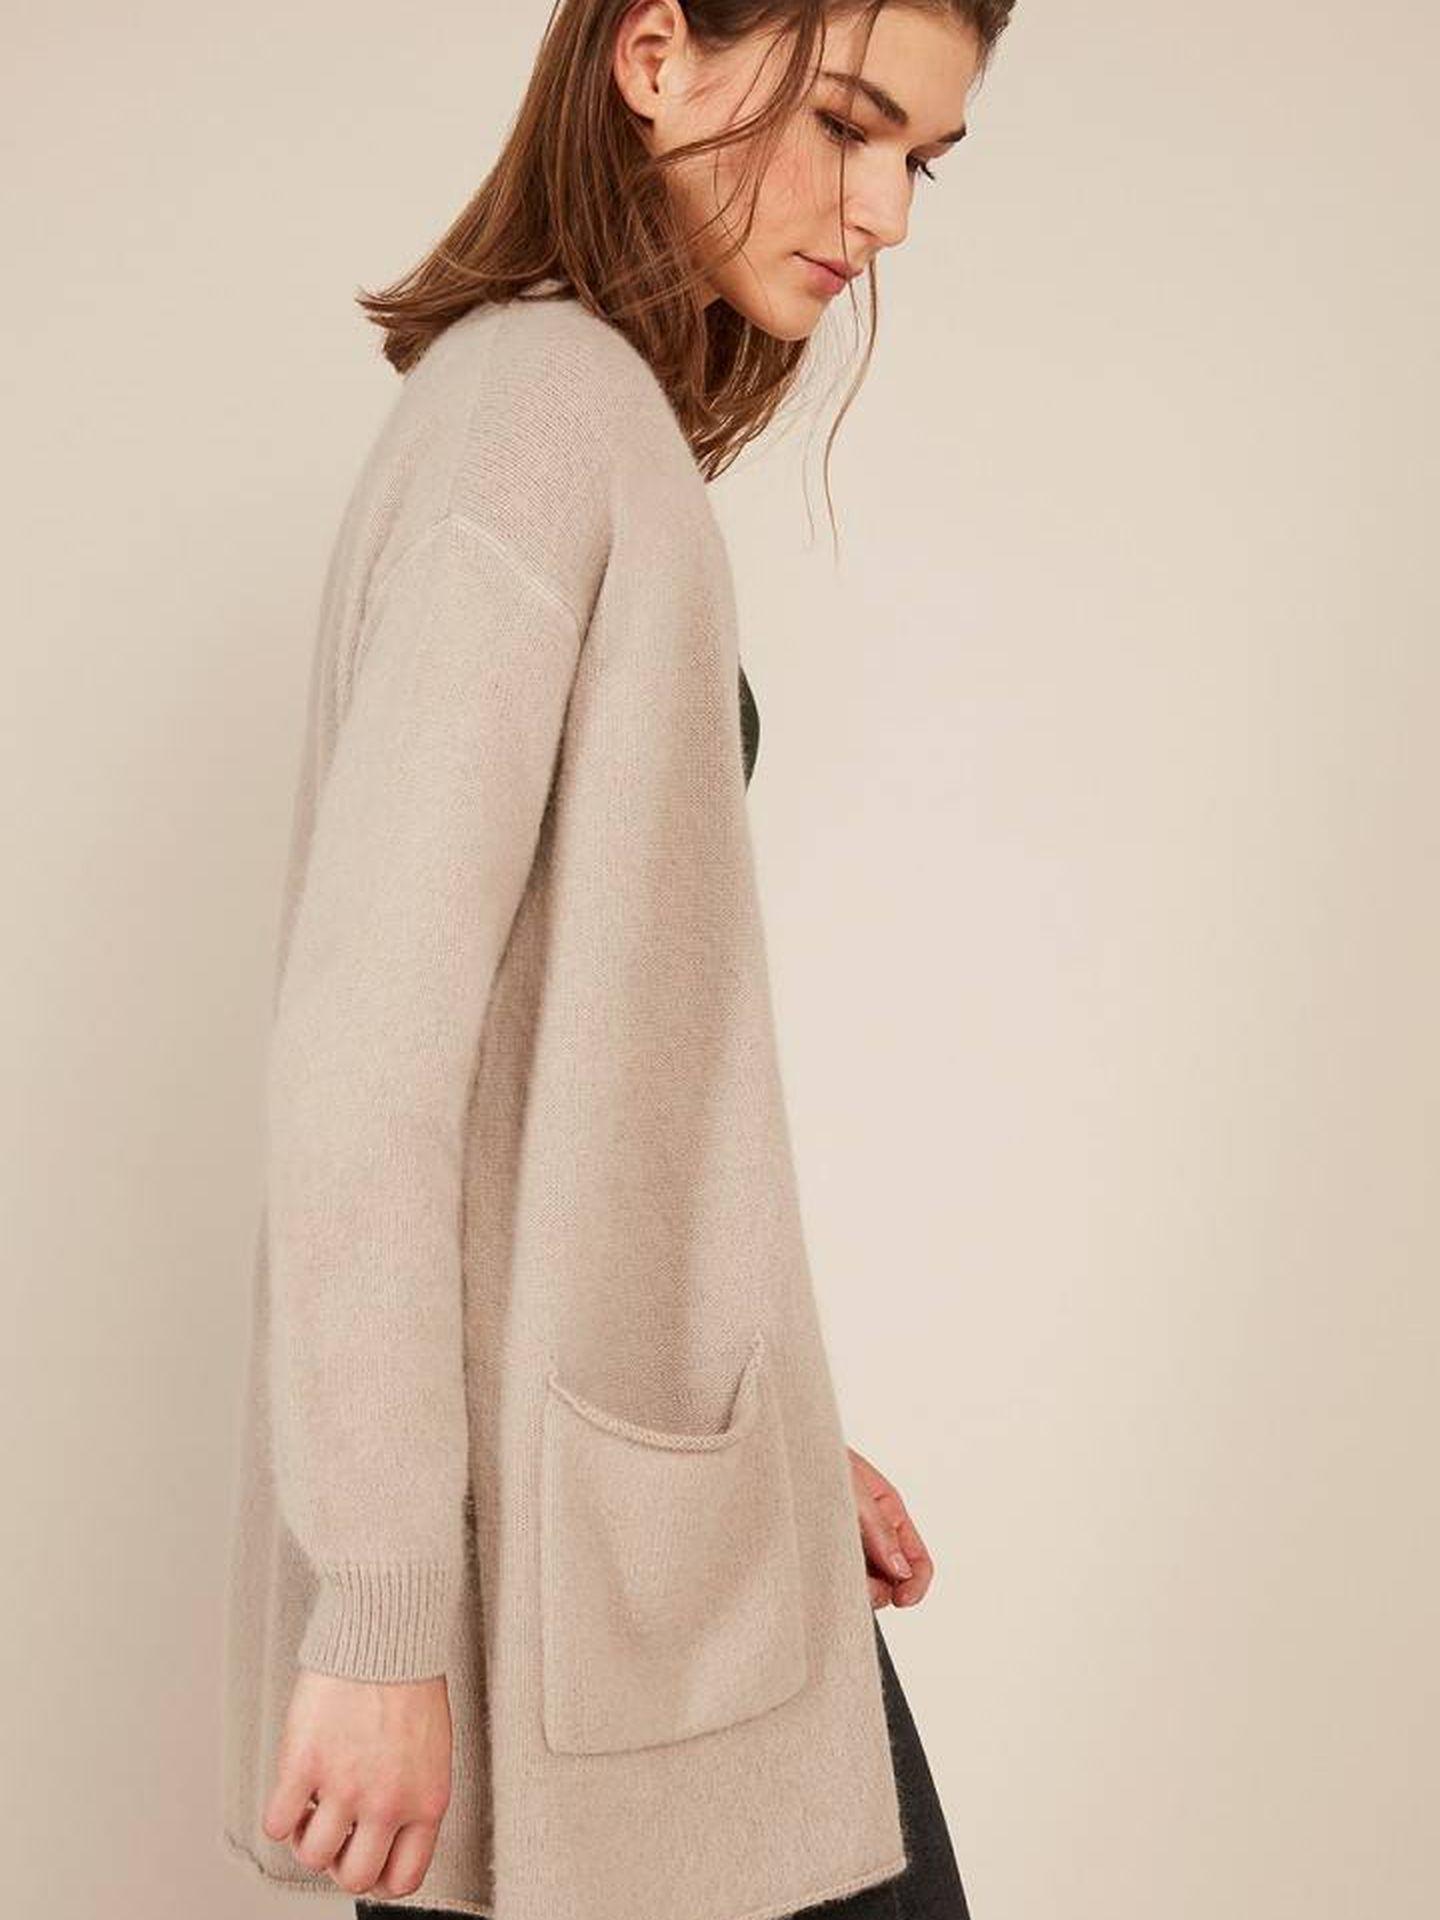 Esta es la chaqueta de punto de la modelo. (Cortesía)